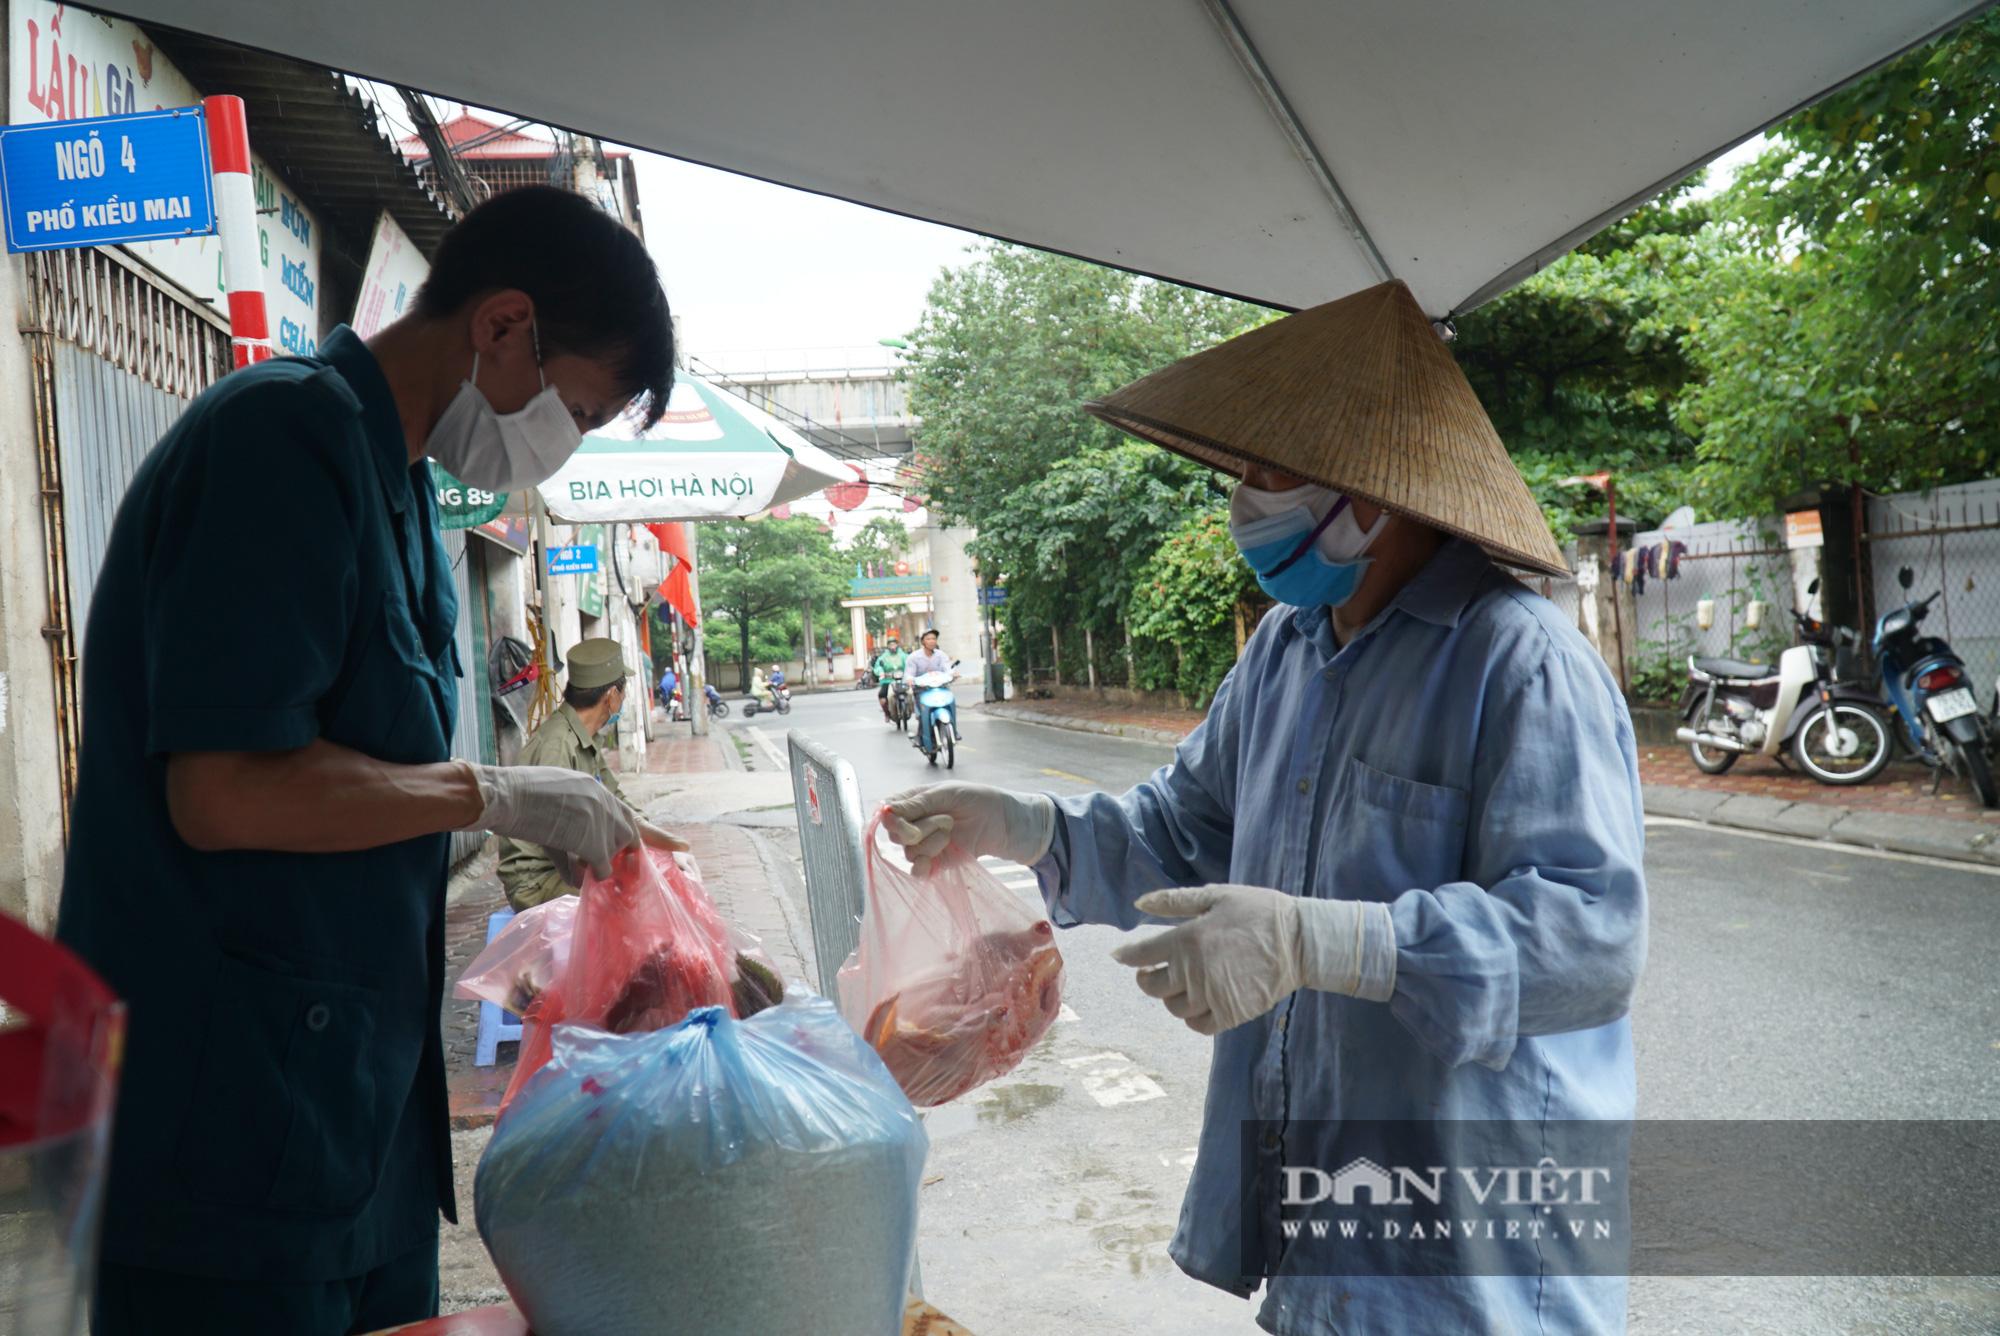 Mang gạo, mỳ tôm, thịt gà tiếp tế cho người dân trong khu phố Kiều Mai bị phong toả - Ảnh 4.